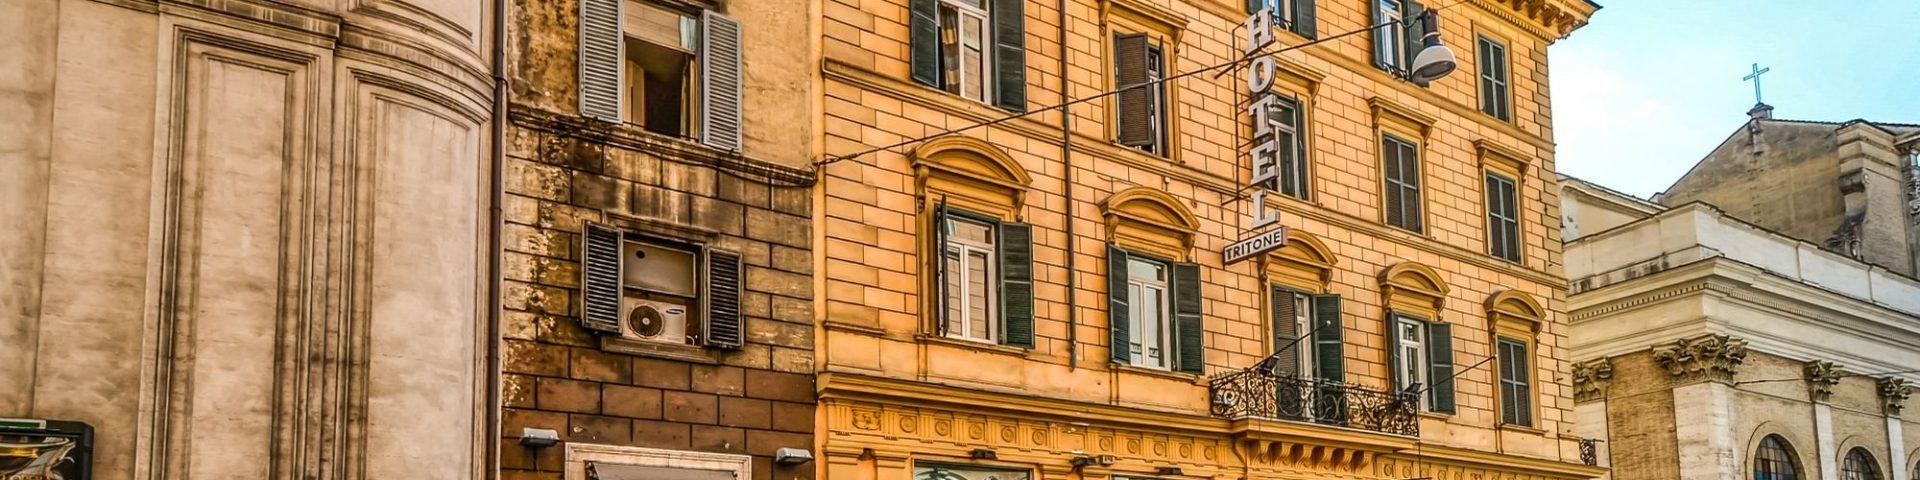 Hotel vicino allo Stadio Olimpico di Roma: i migliori alberghi